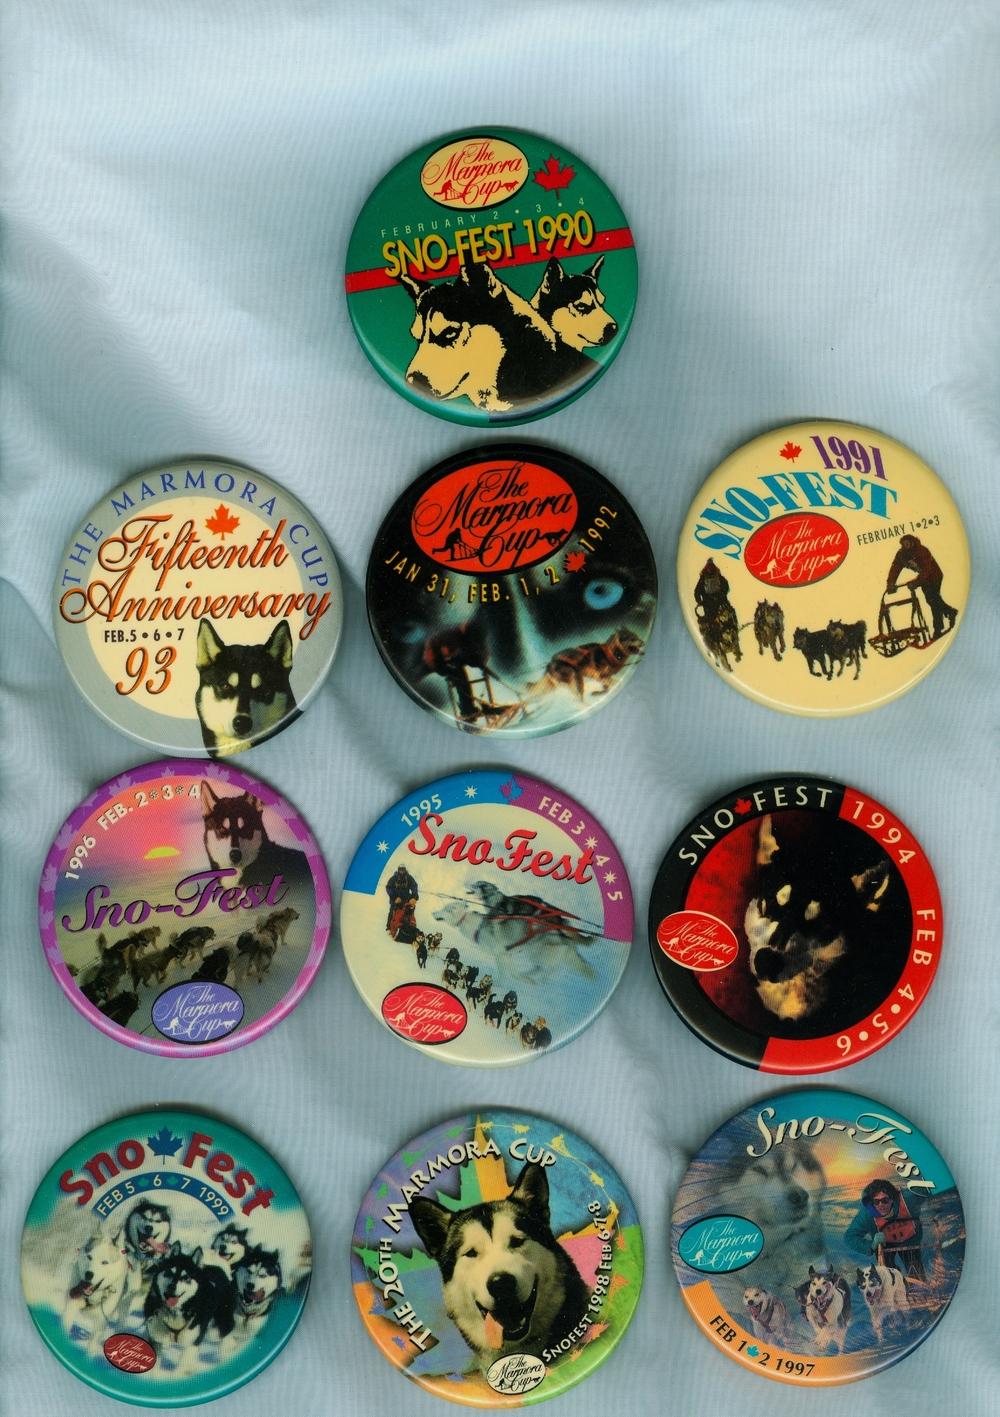 Snofest Pins 1990-1999.jpg